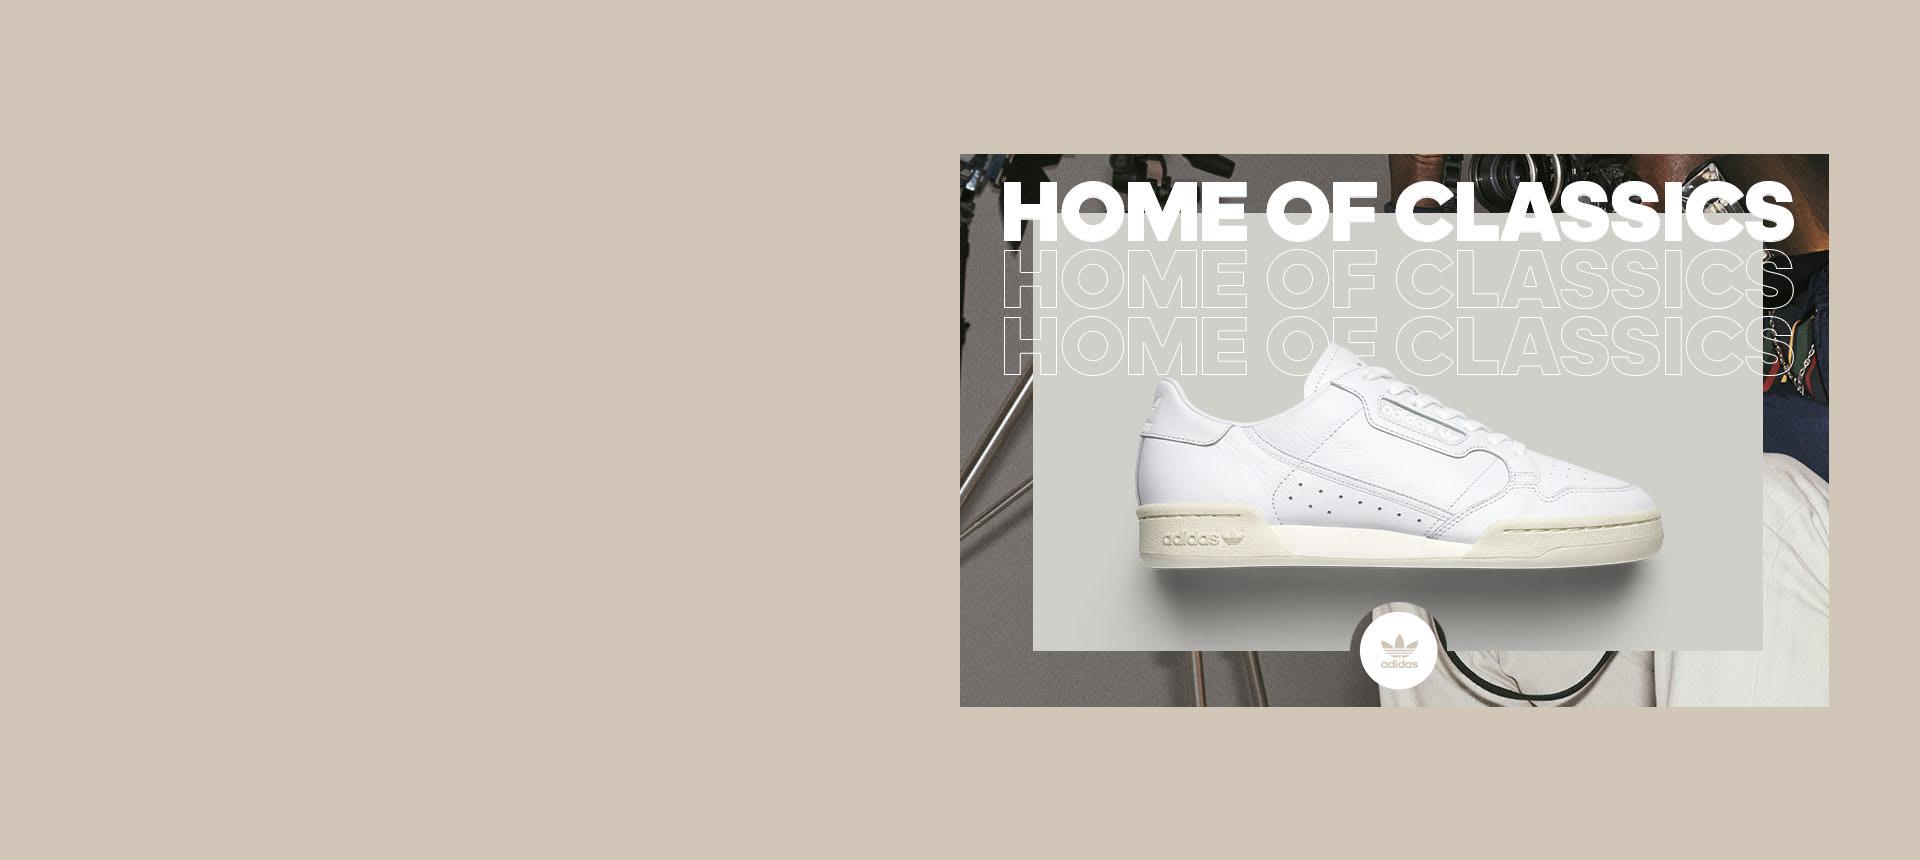 5a87746a2c7 adidas Originals - Shoes, Clothing & Accessories | adidas SG